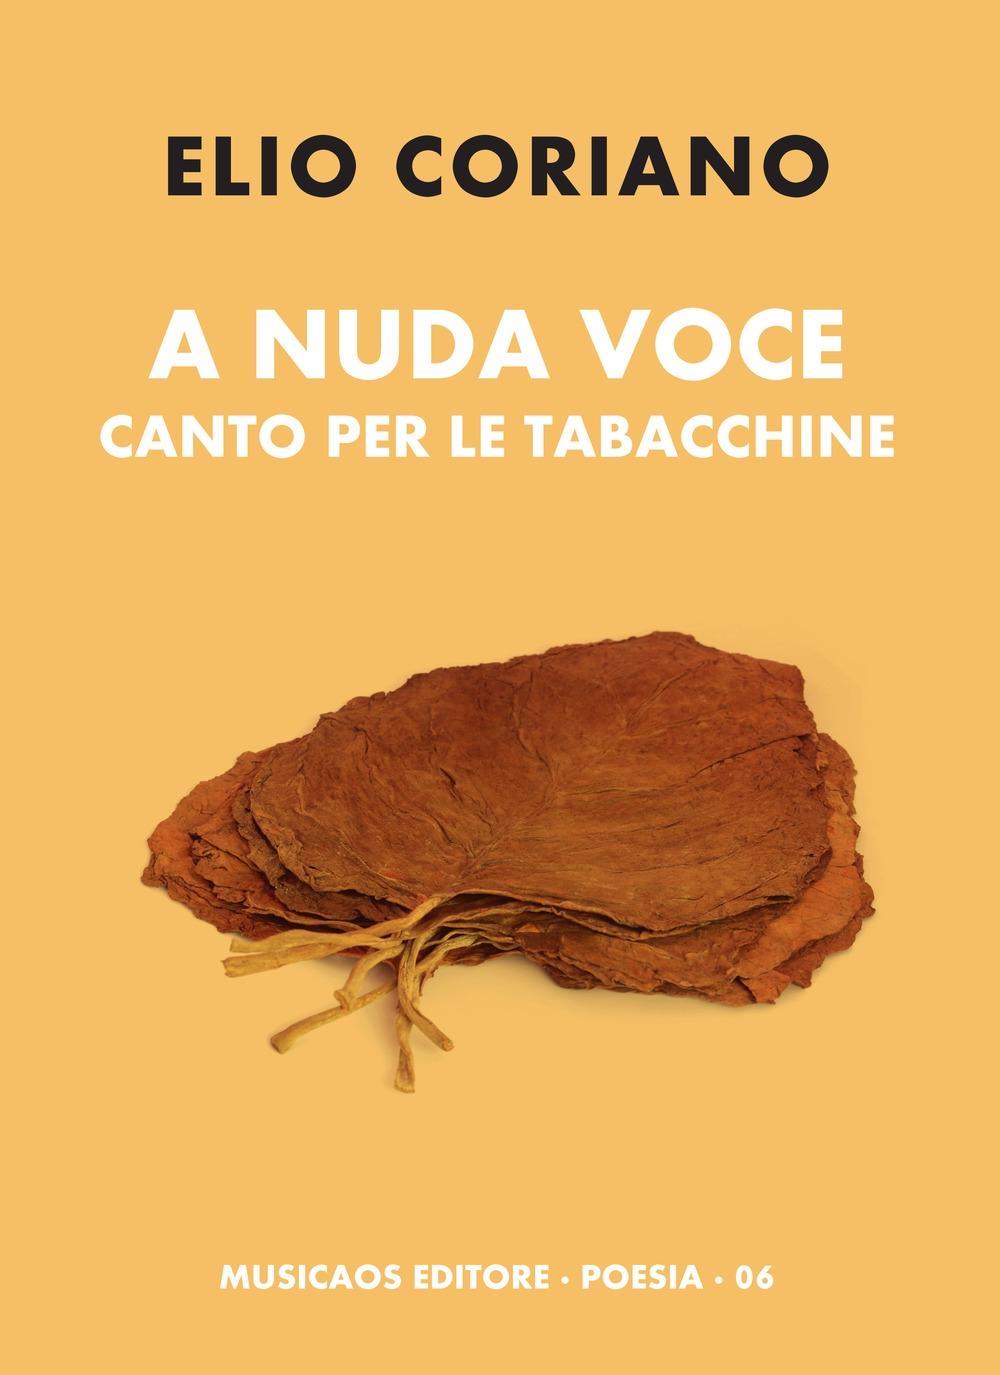 A nuda voce. Canto per le tabacchine